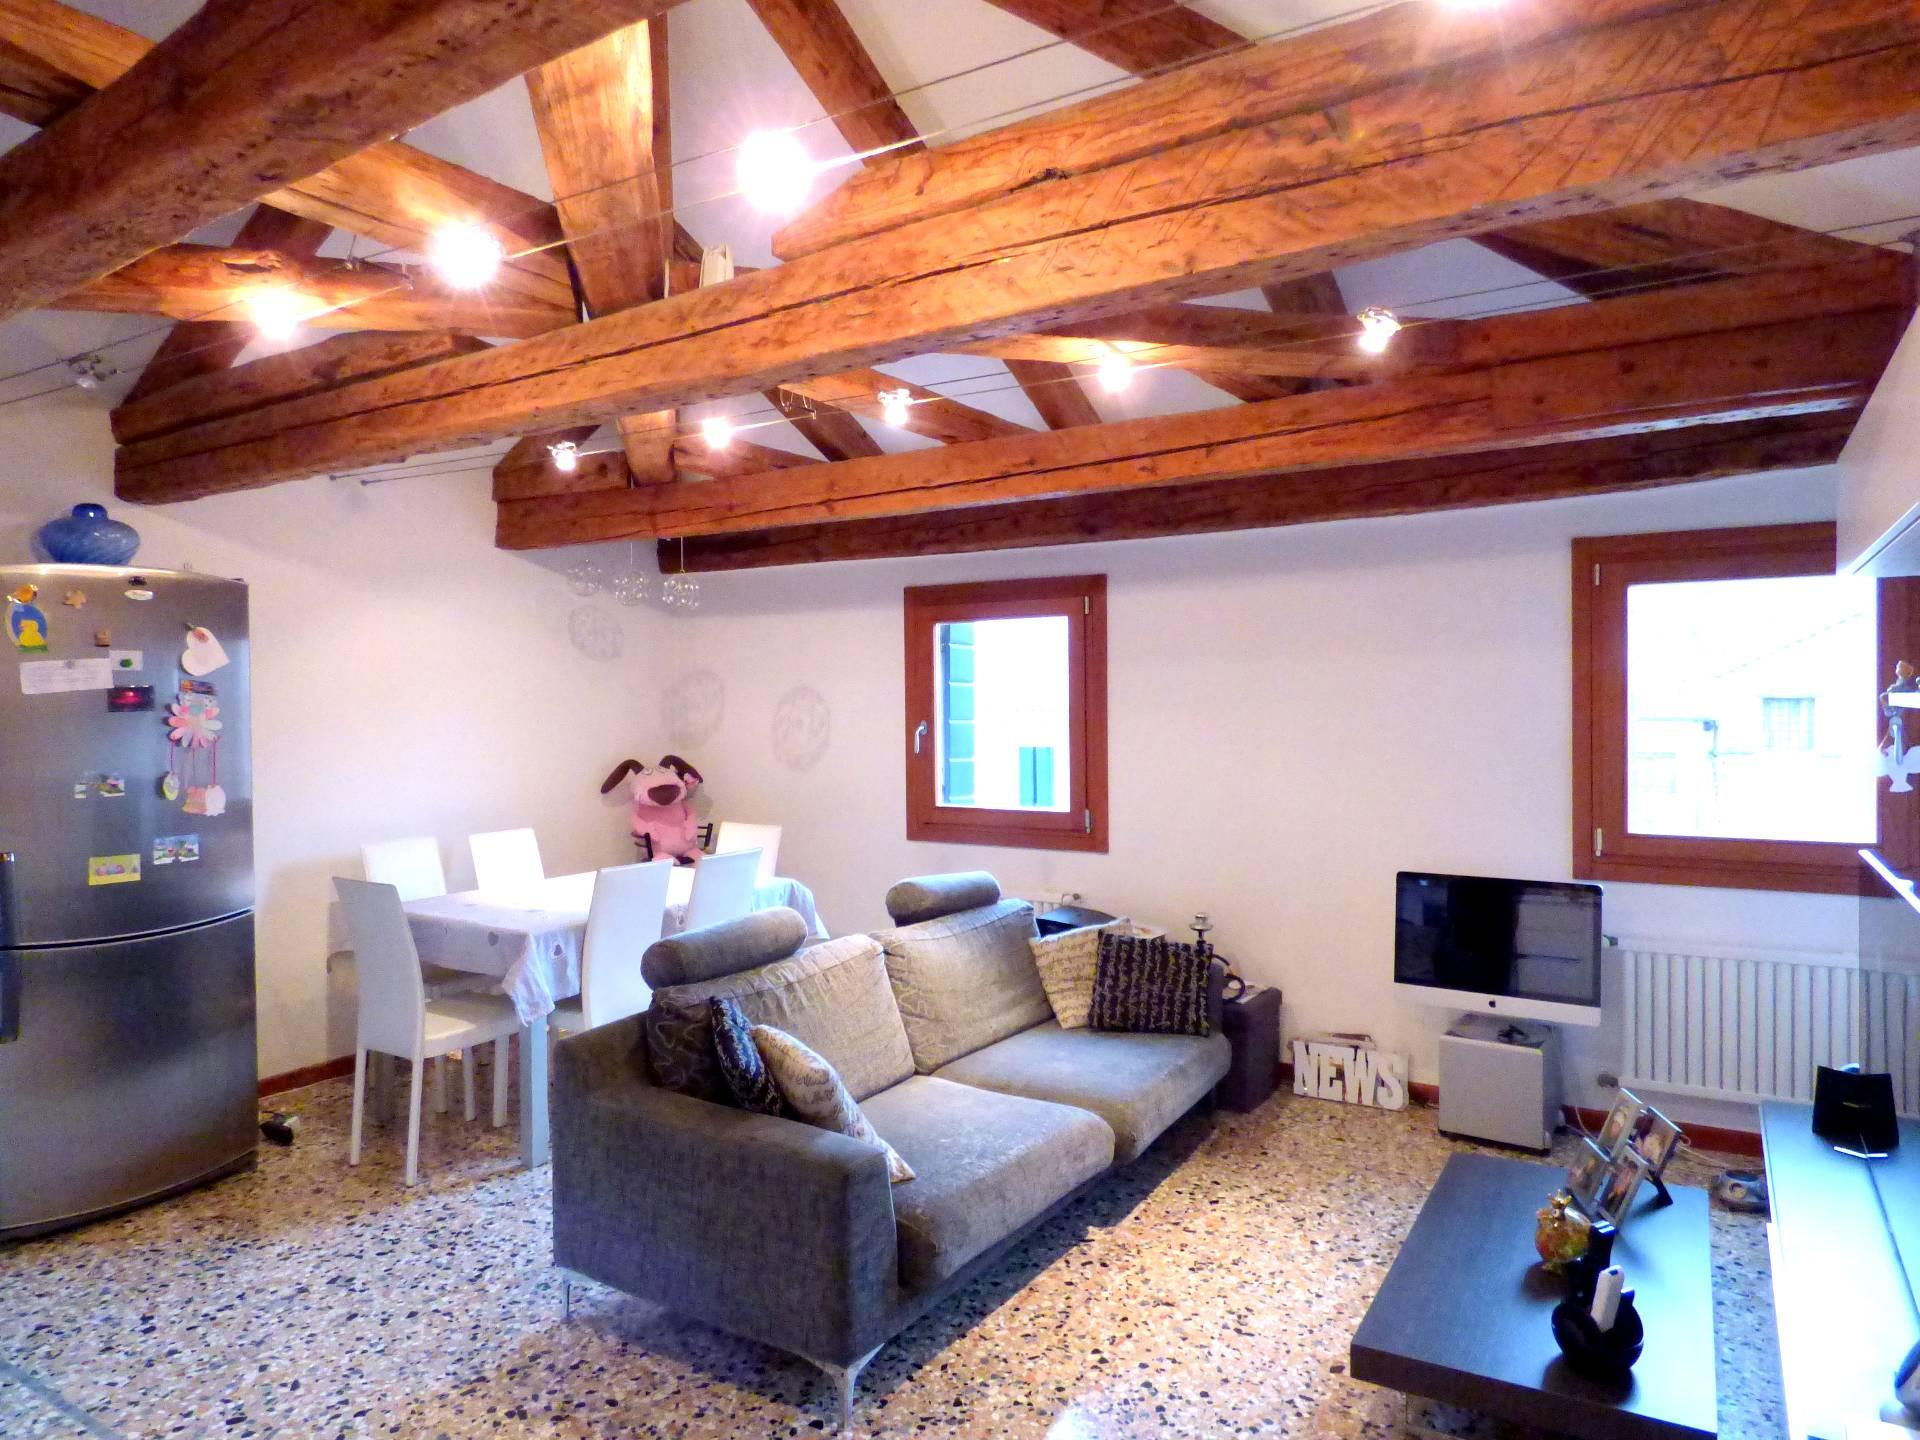 Appartamento in vendita a Venezia, 4 locali, zona Zona: 4 . Castello, prezzo € 420.000 | Cambio Casa.it